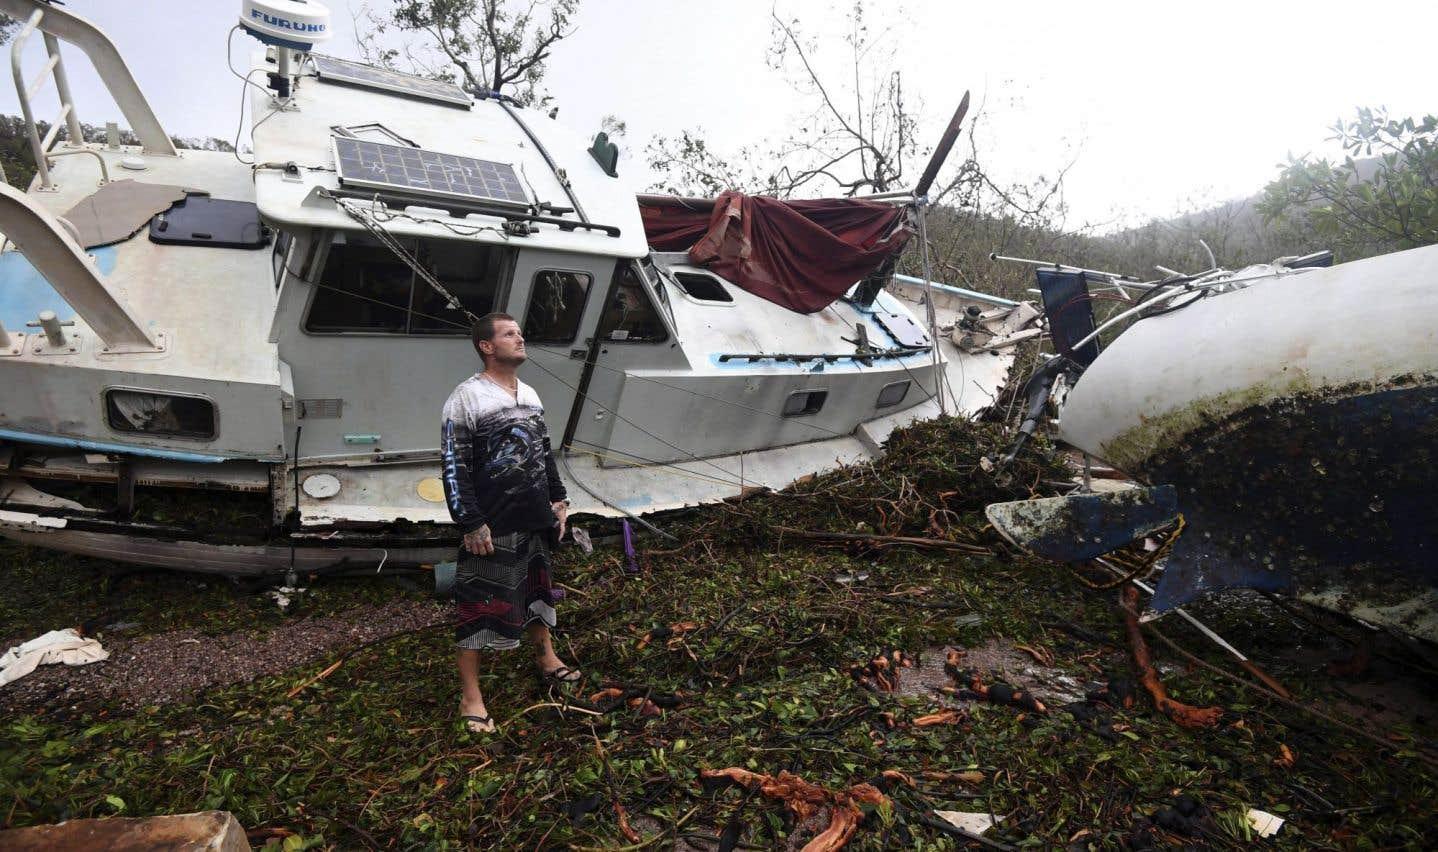 Moins de dégâts et moins de morts  dus aux catastrophes naturelles  au premiersemestre de 2016